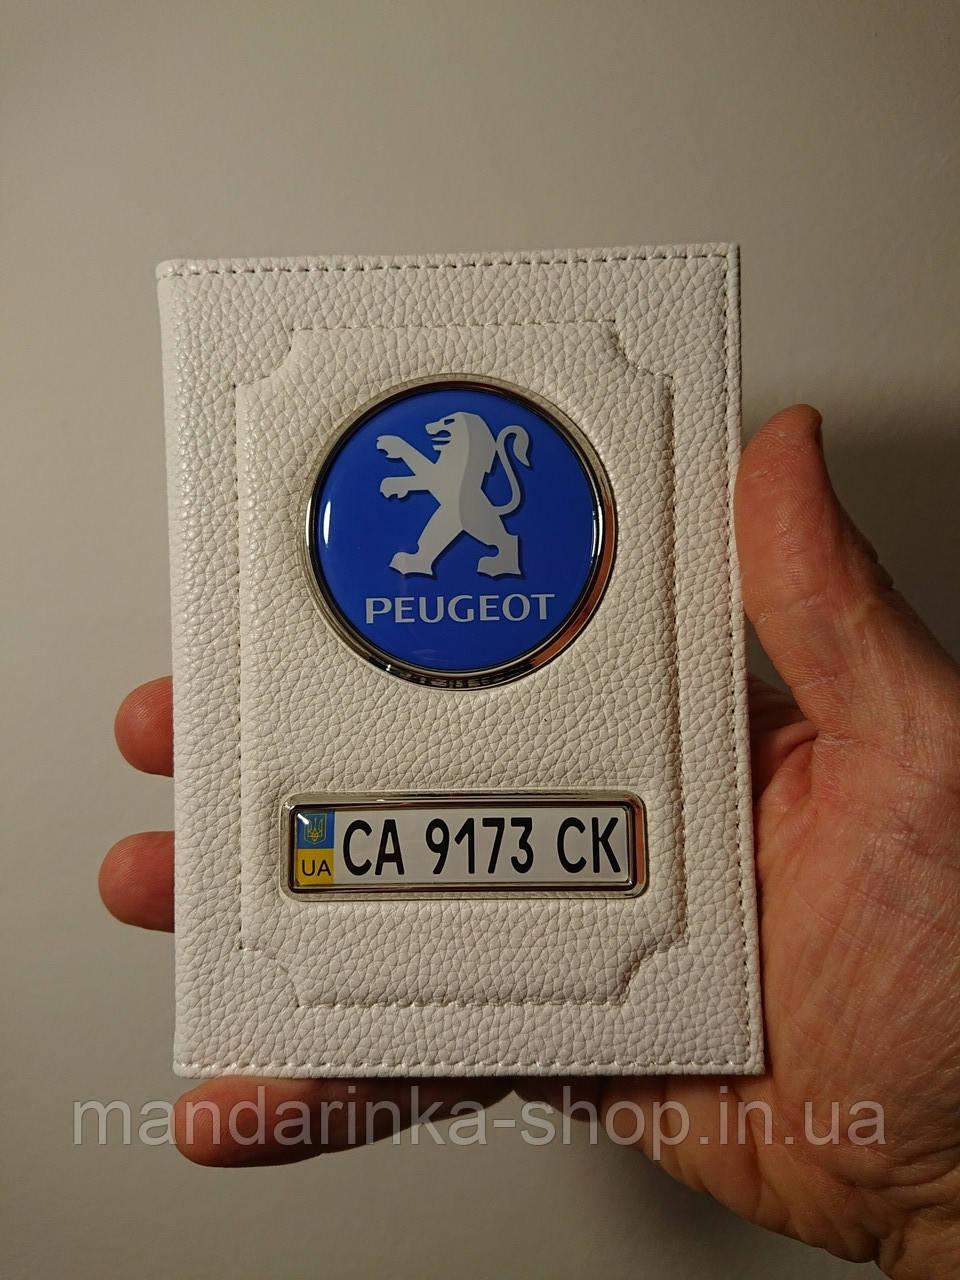 Обложка гос.номер Peugeot